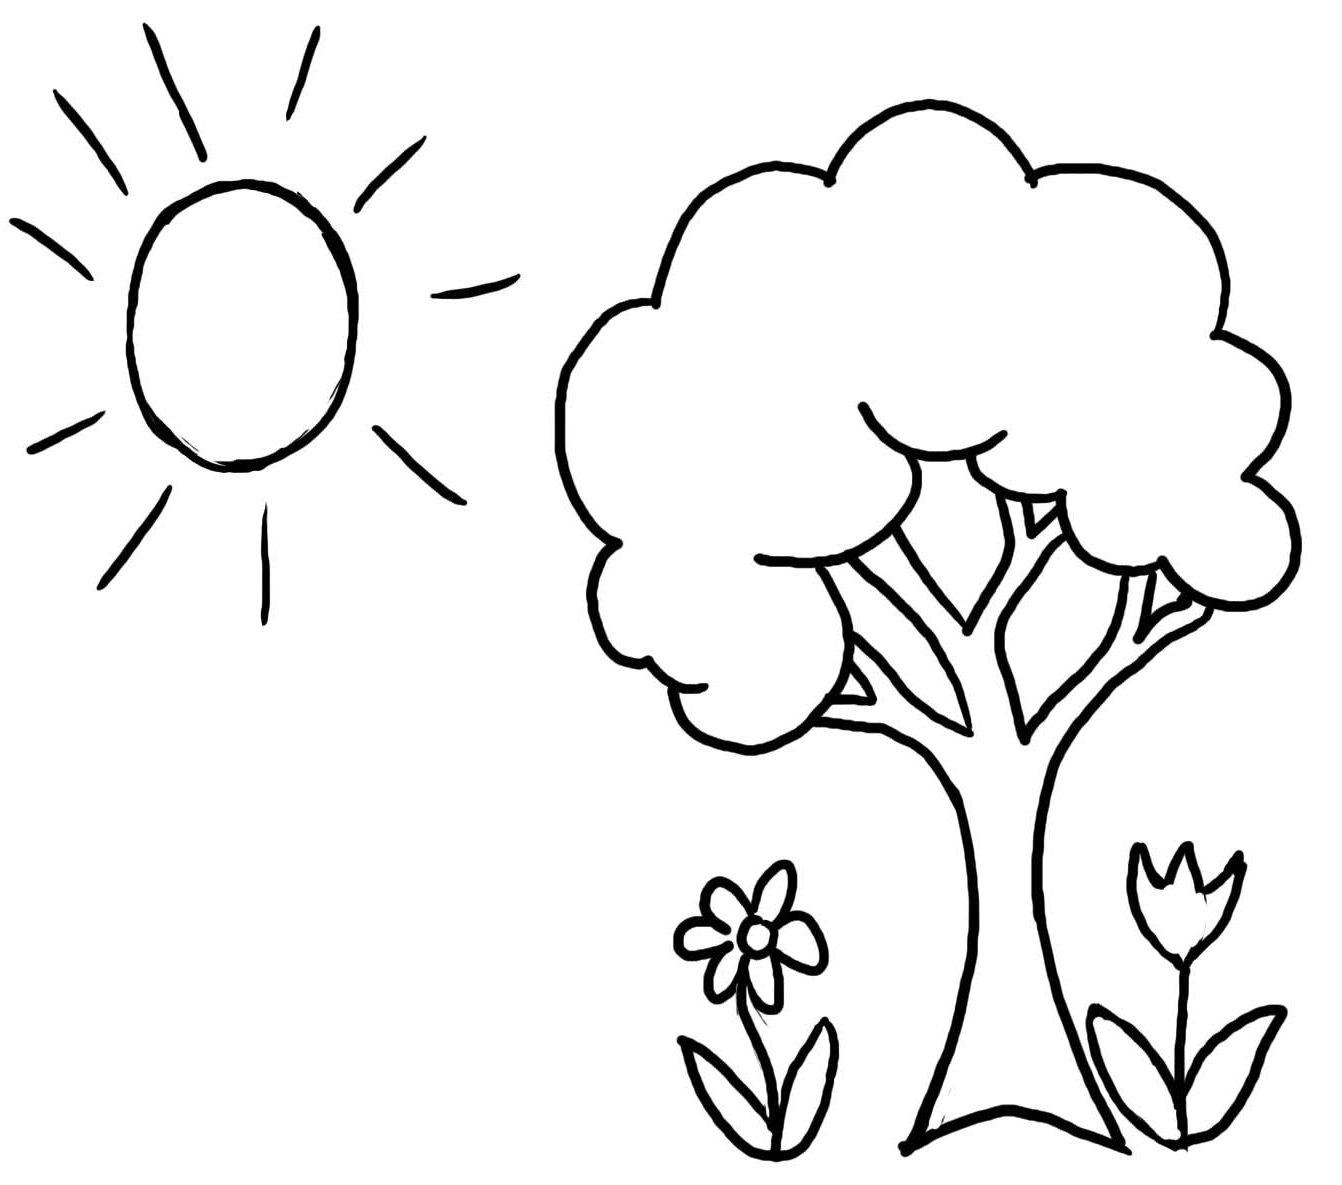 Tranh vẽ cây xanh tô màu